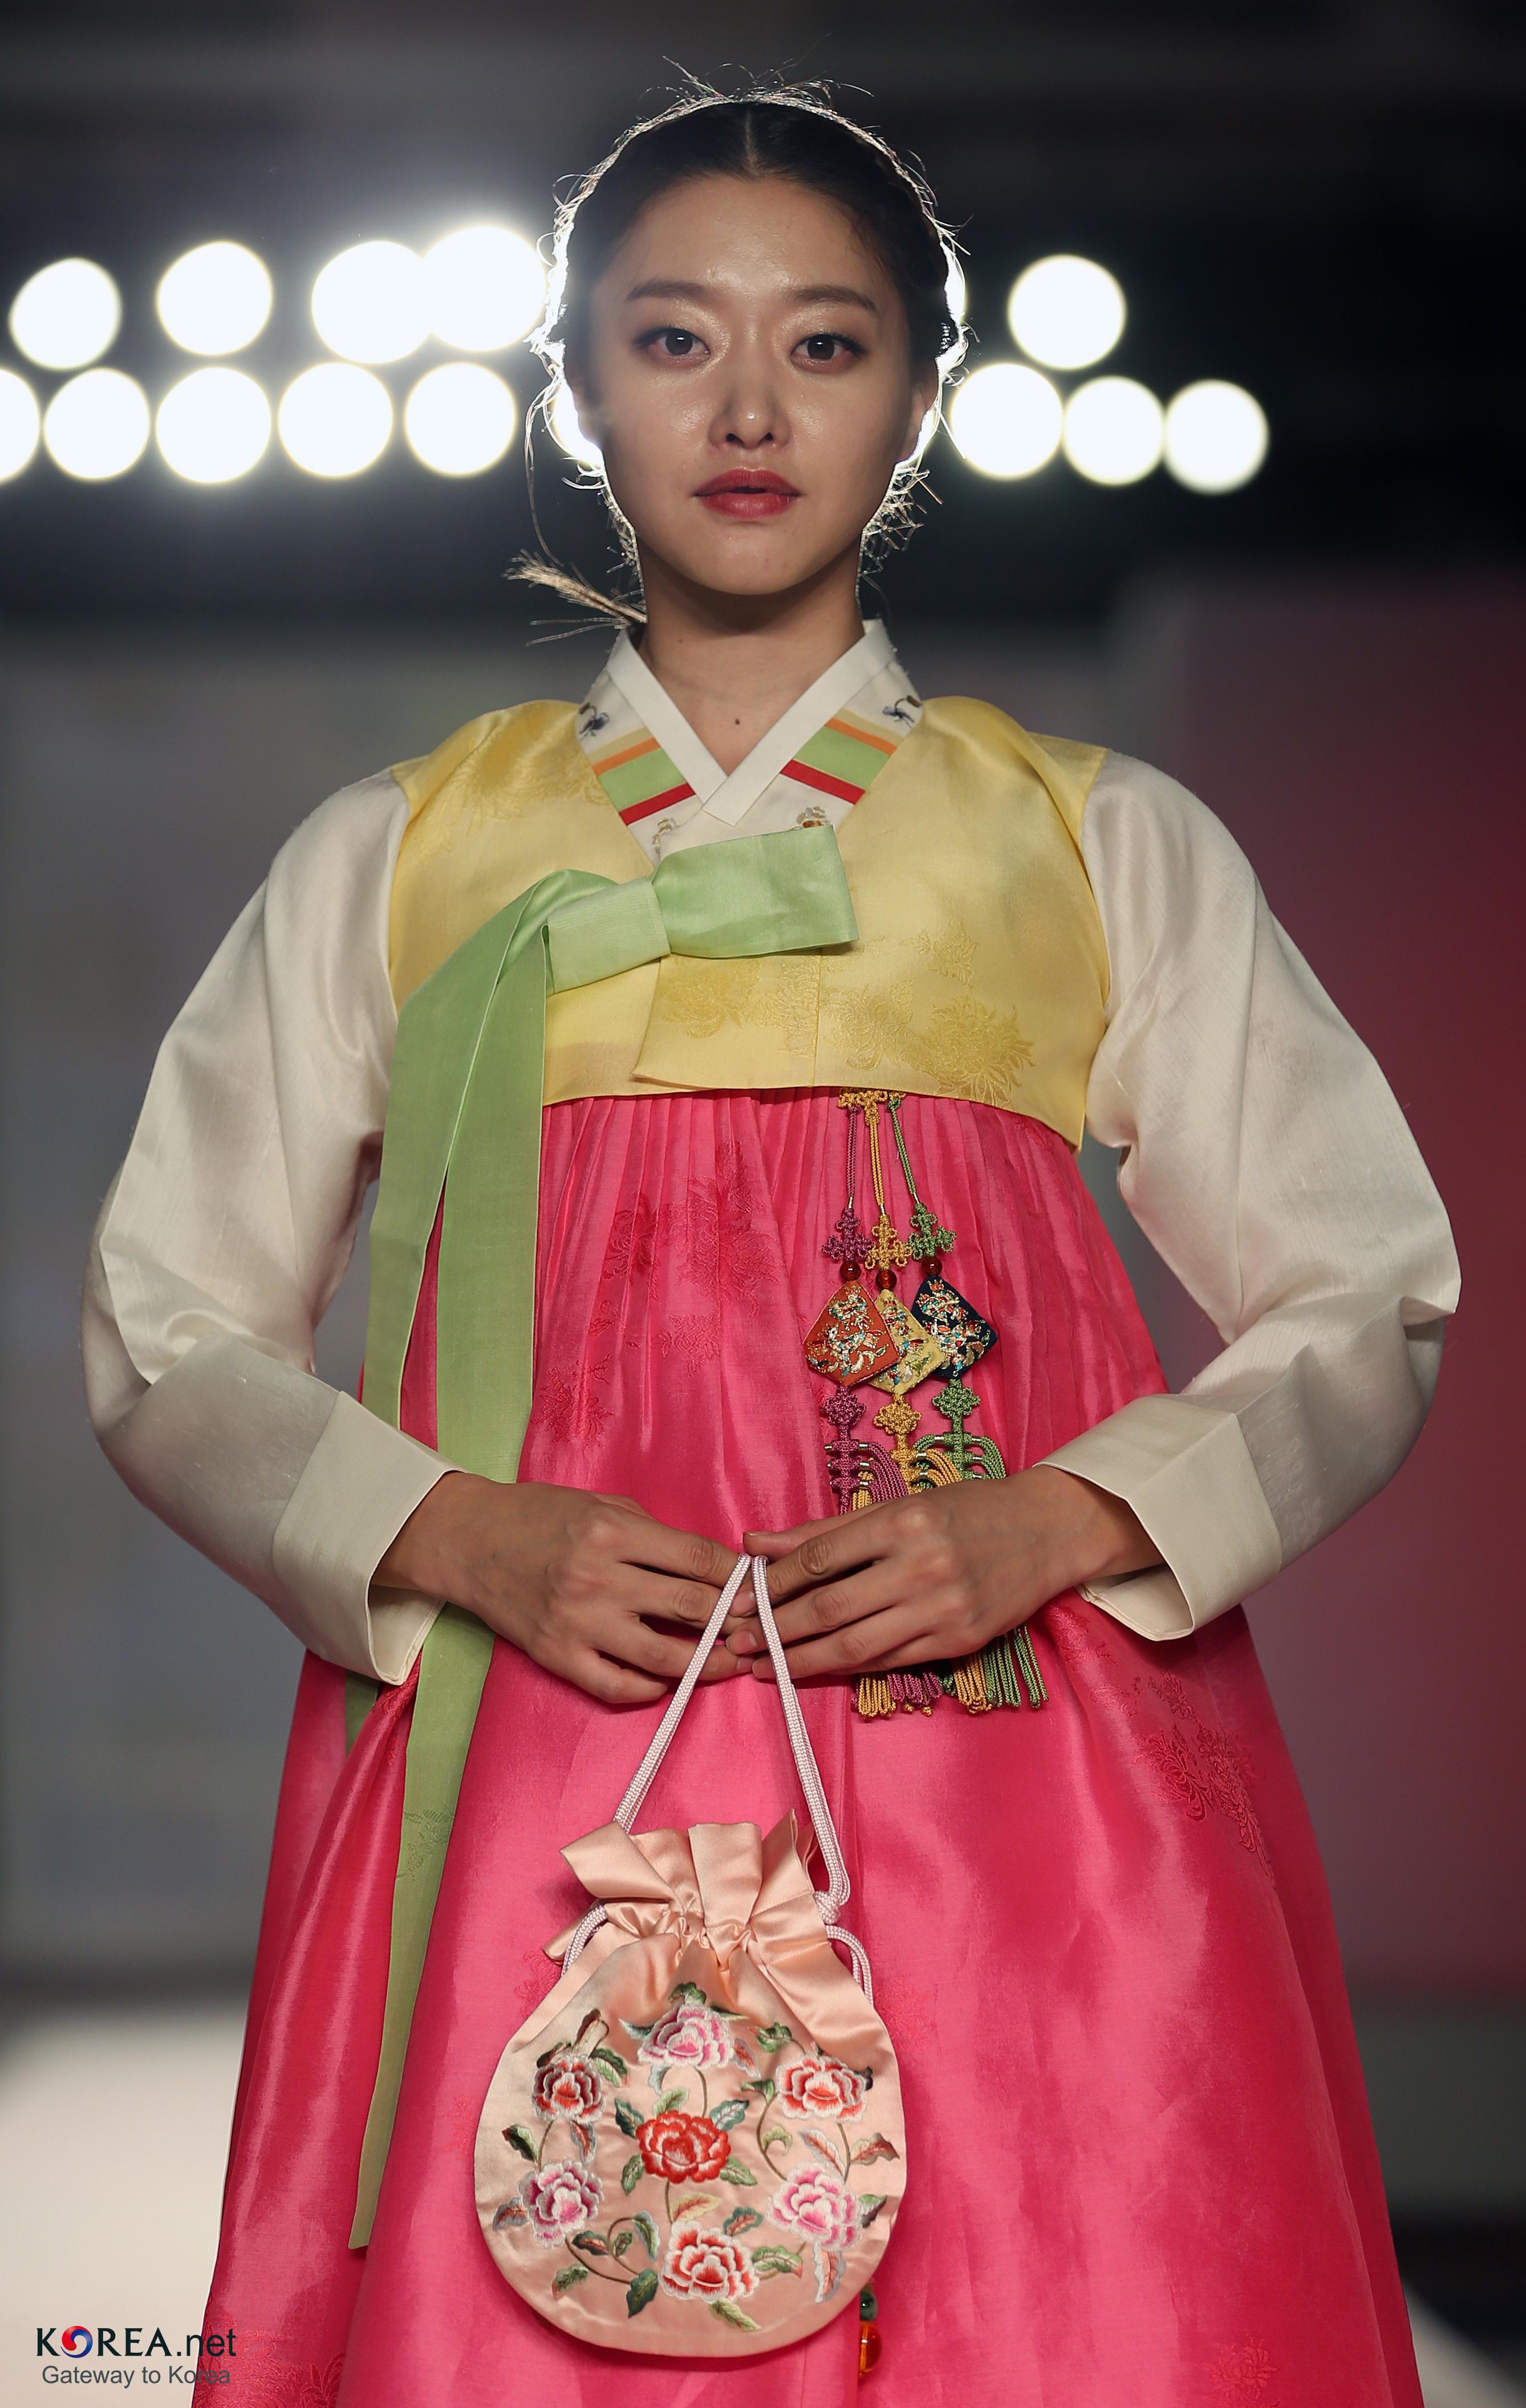 filekocis korea hanbokaodai fashionshow 59 9766201022